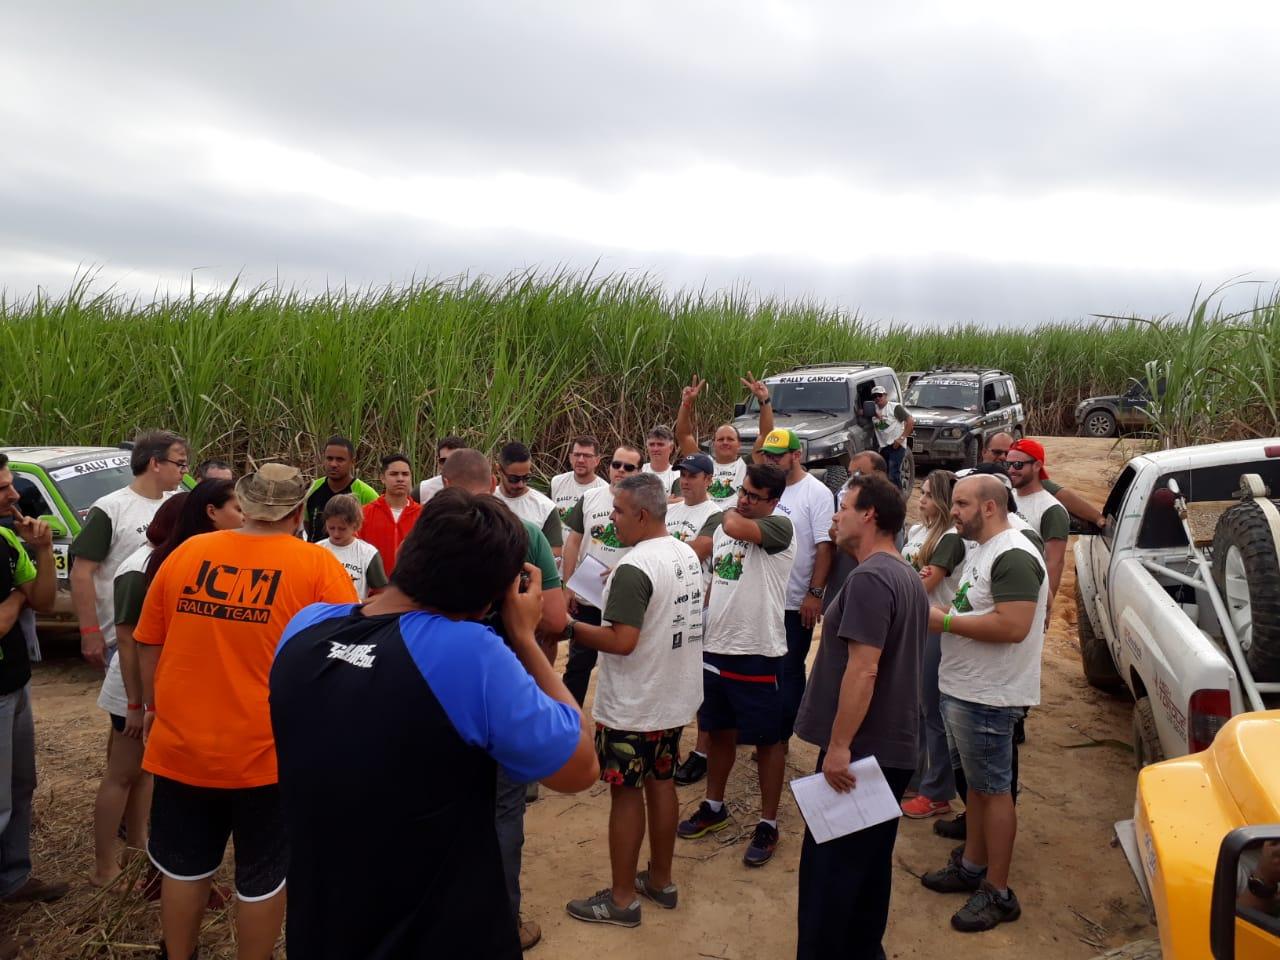 O improvável ocorre: Praticamente uma conferencia foi realizada no meio da prova, interrompendo a mesma. Apenas 100 metros sacramentavam o destino da 2º etapa do Carioca 2019.